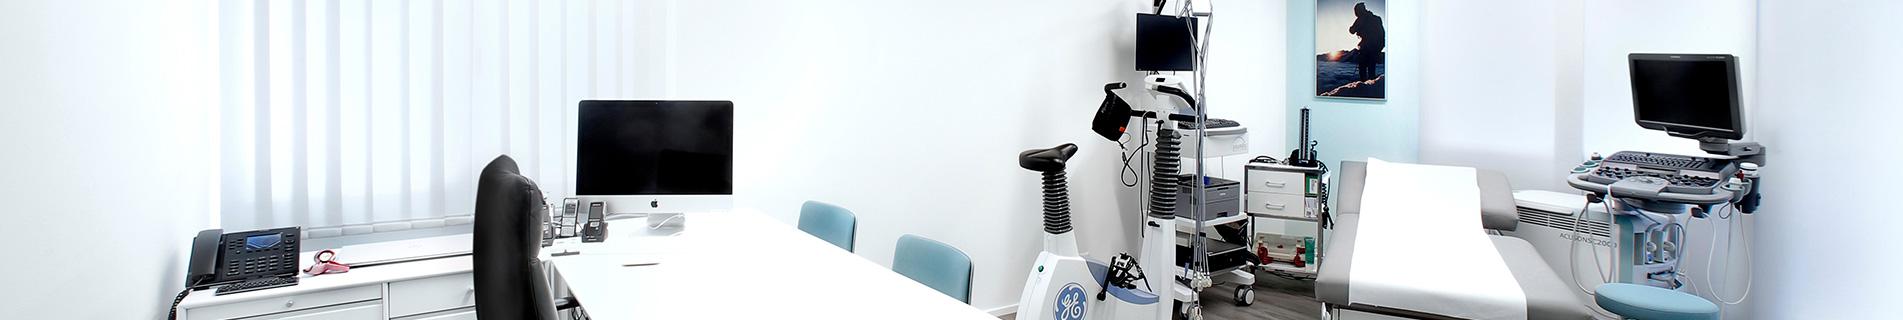 Herzpraxis Solothurn, Behandlungszimmer